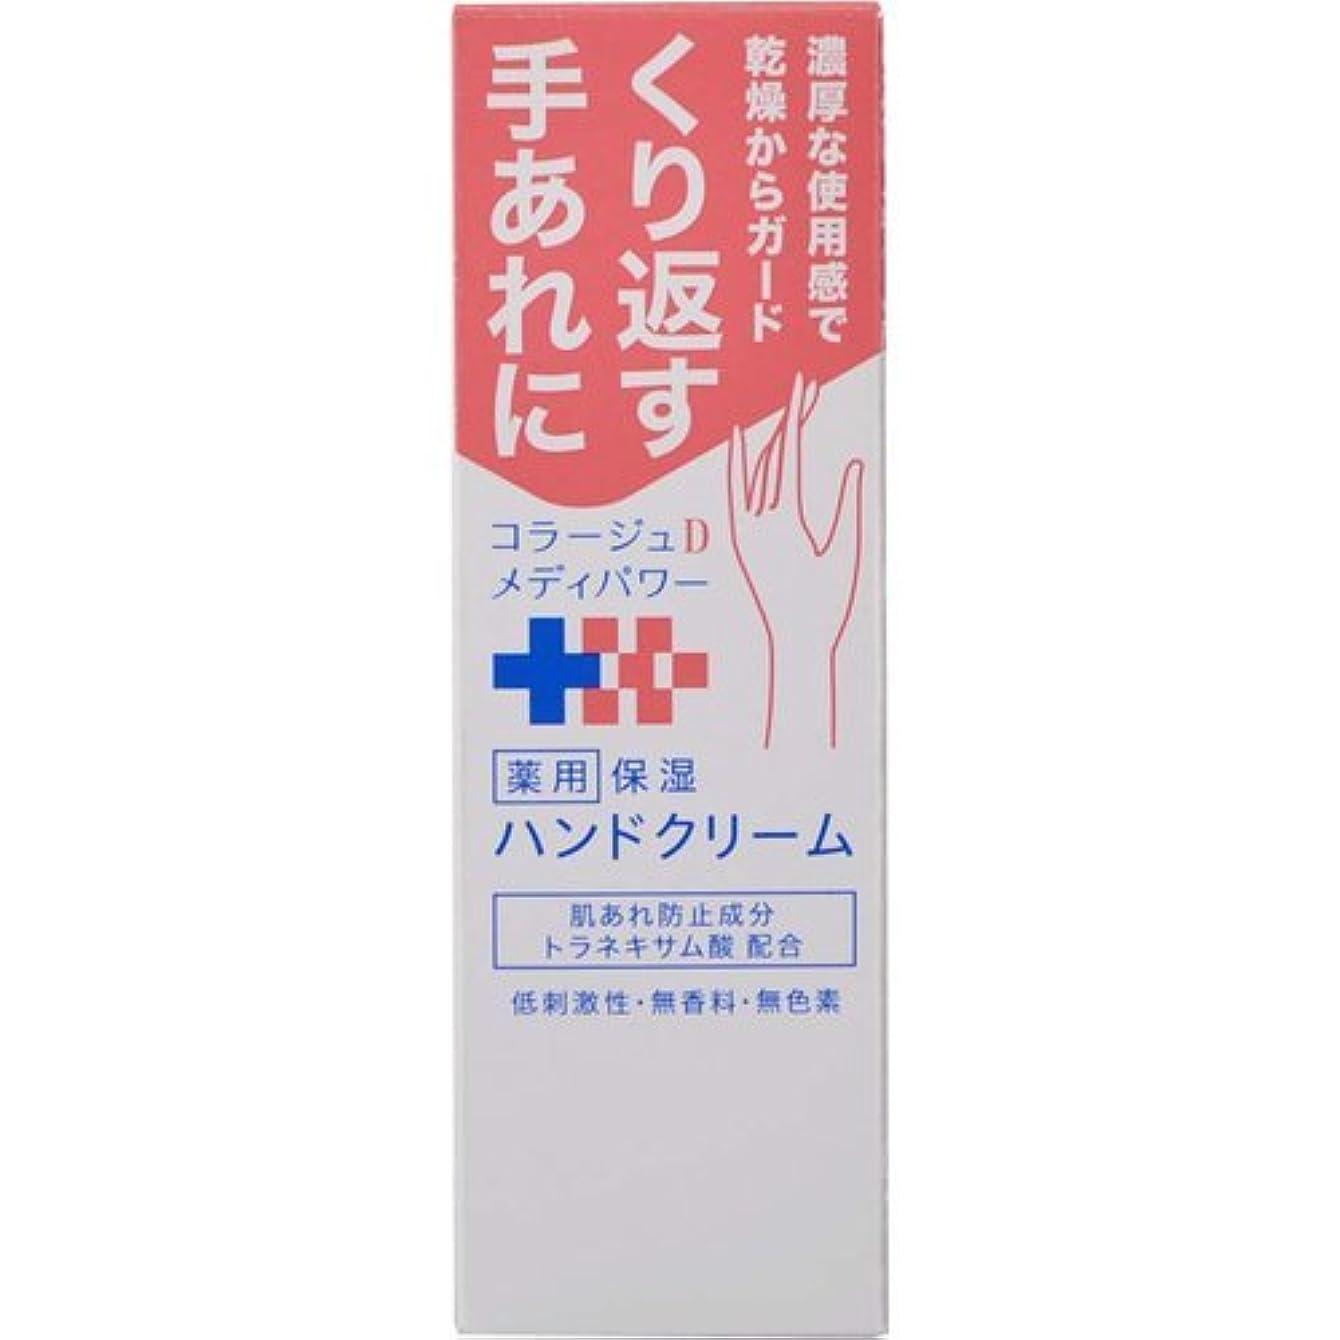 最大限頑固な遮るコラージュD メディパワー 保湿ハンドクリーム 30g×5個セット